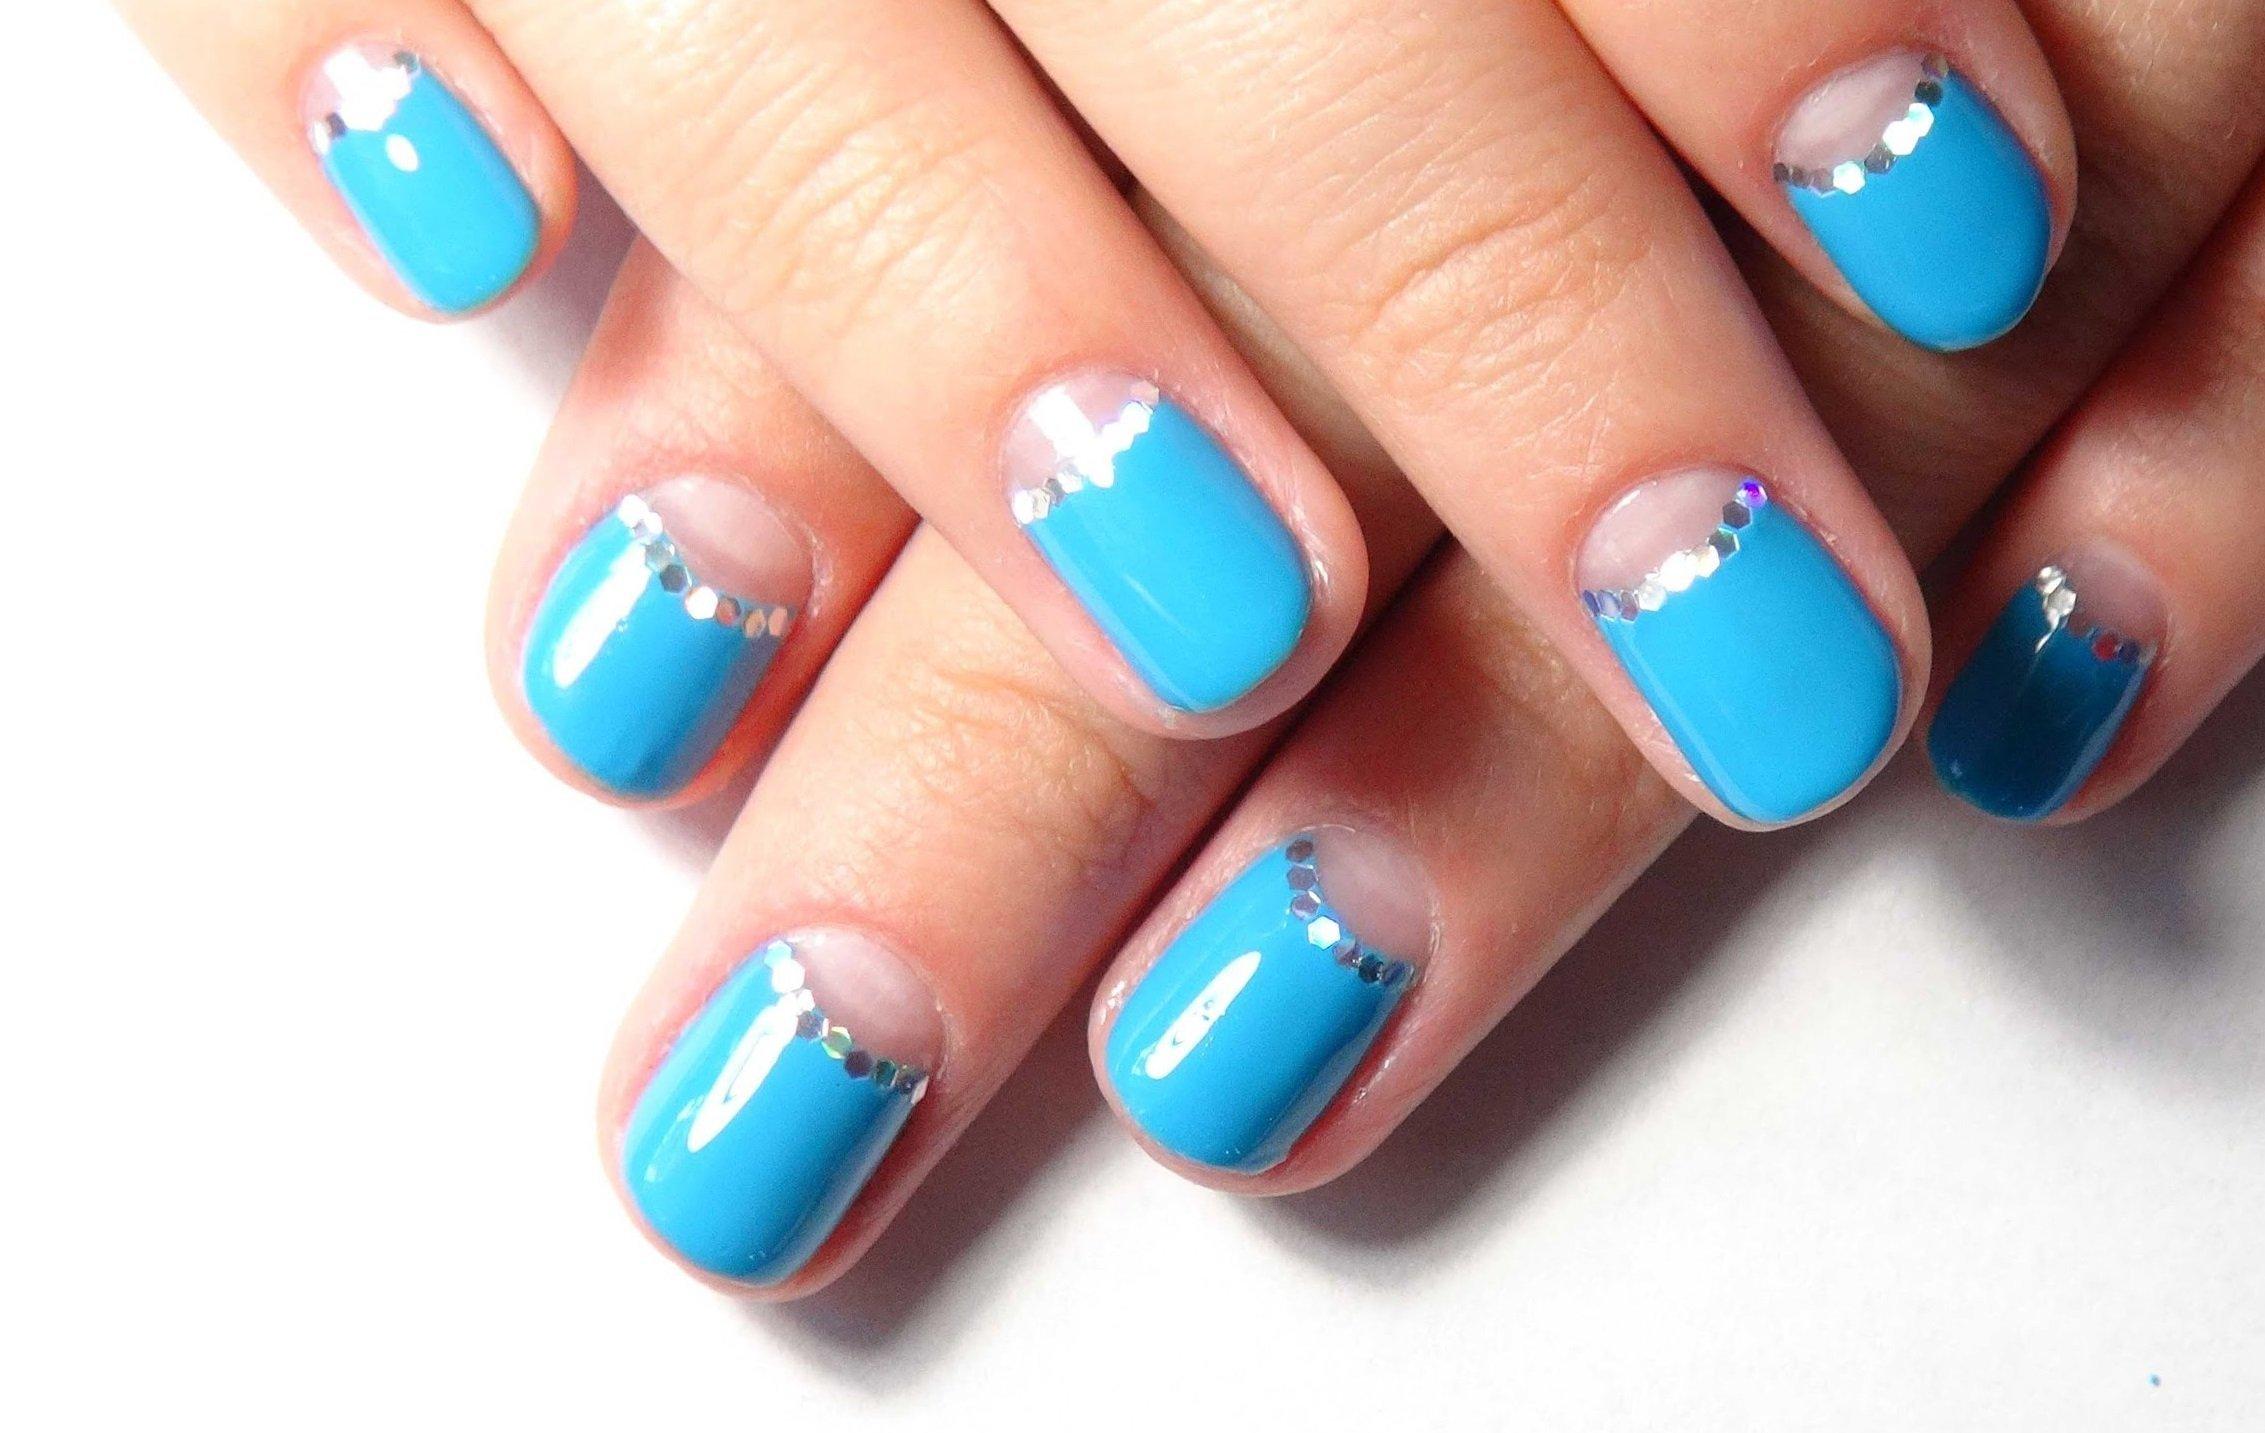 картинки ногтей простой дизайн голубые тона личное эфирное поле-тело